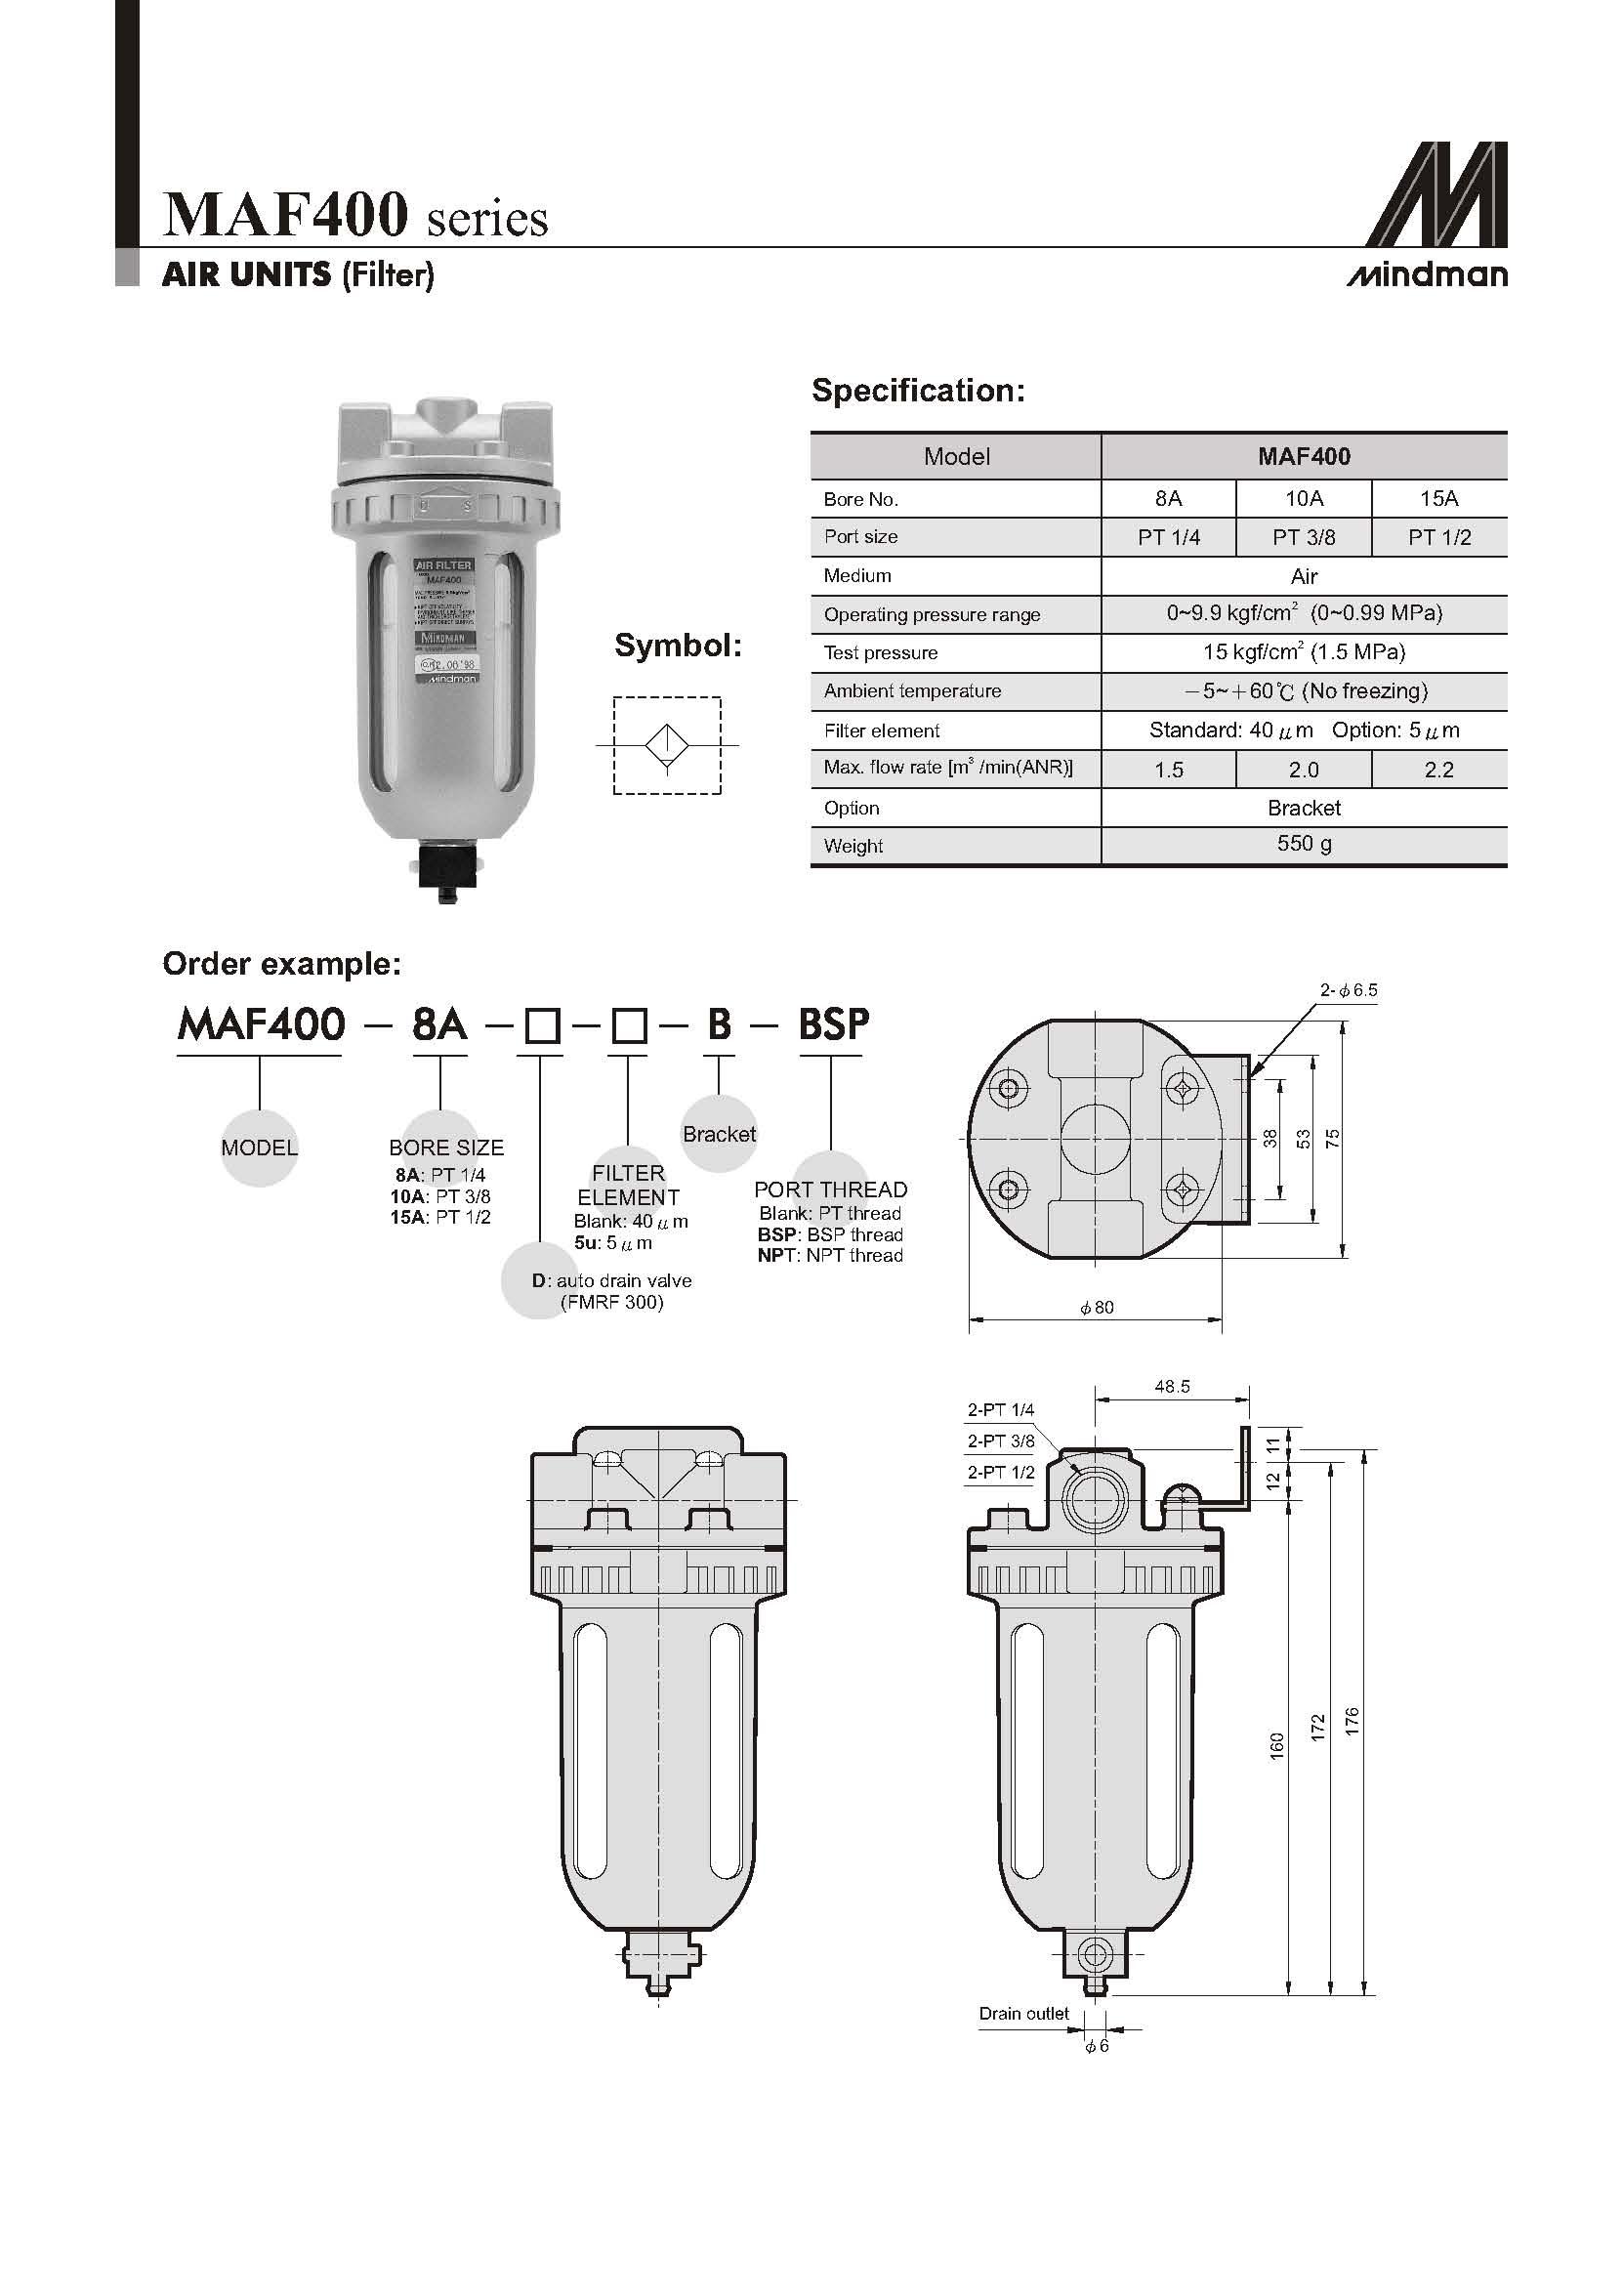 Mindman Filter Maf400 10a Npt 3 8 Npt